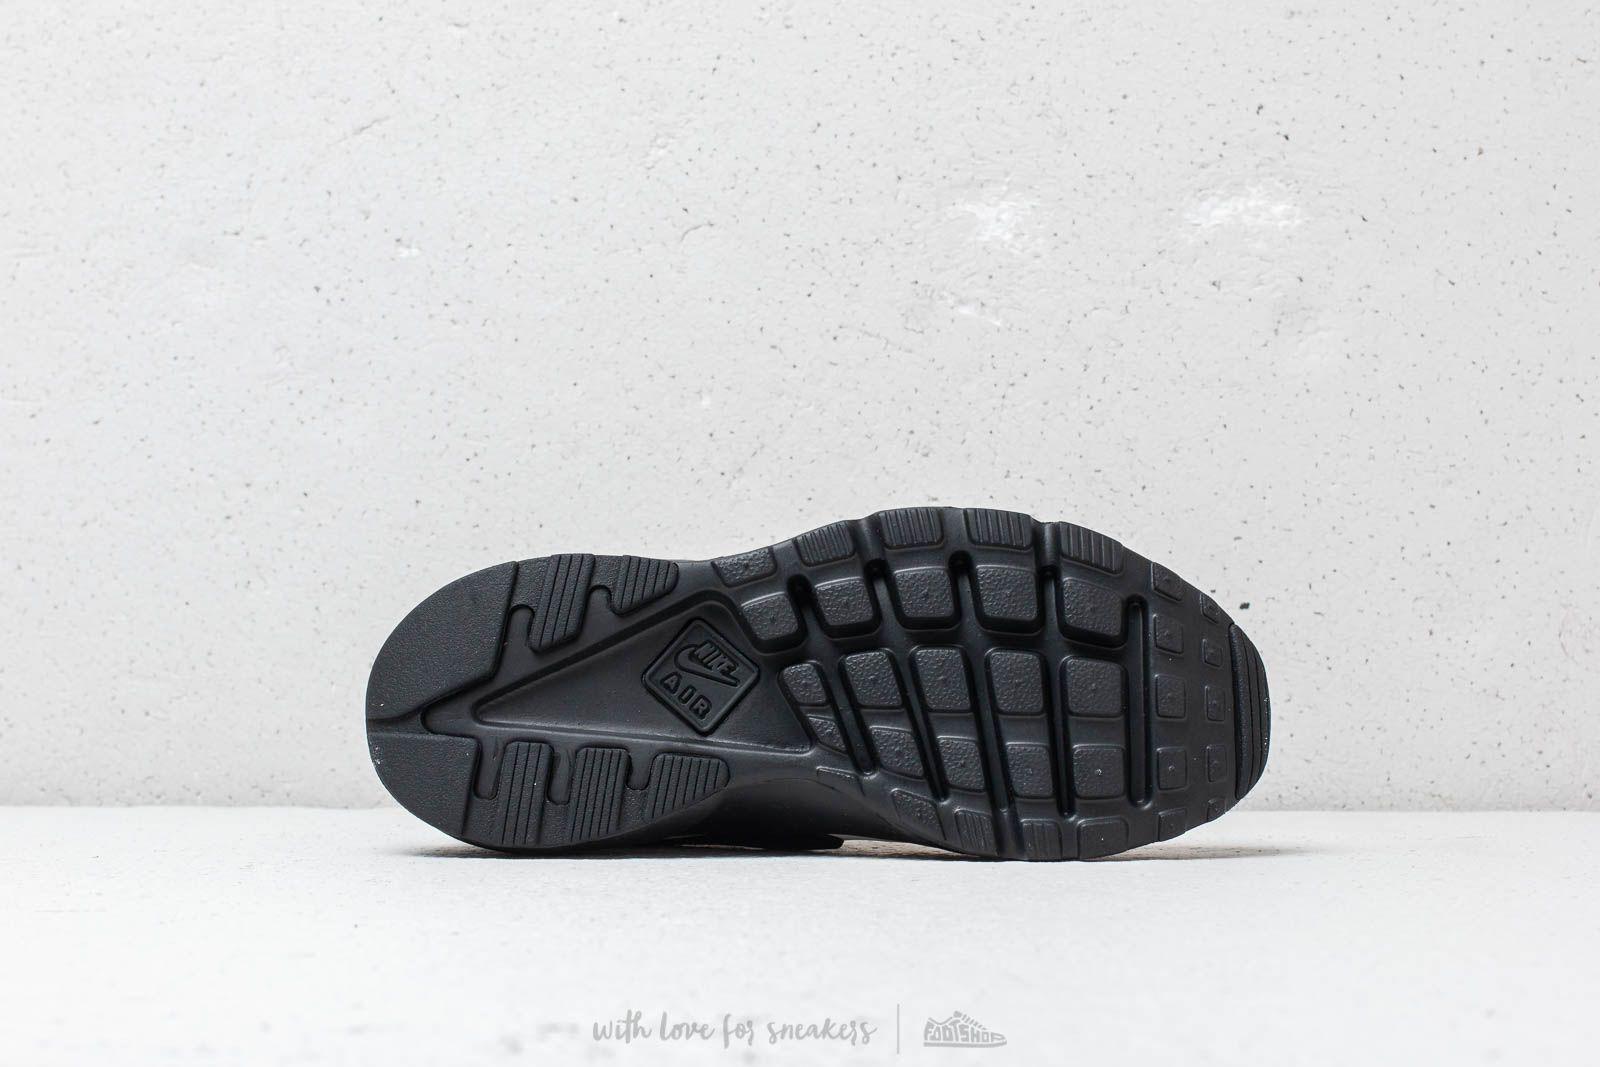 918bc2afadfa7 Lyst - Nike Air Huarache Run Ultra Desert Sand  Black-dark Grey in ...